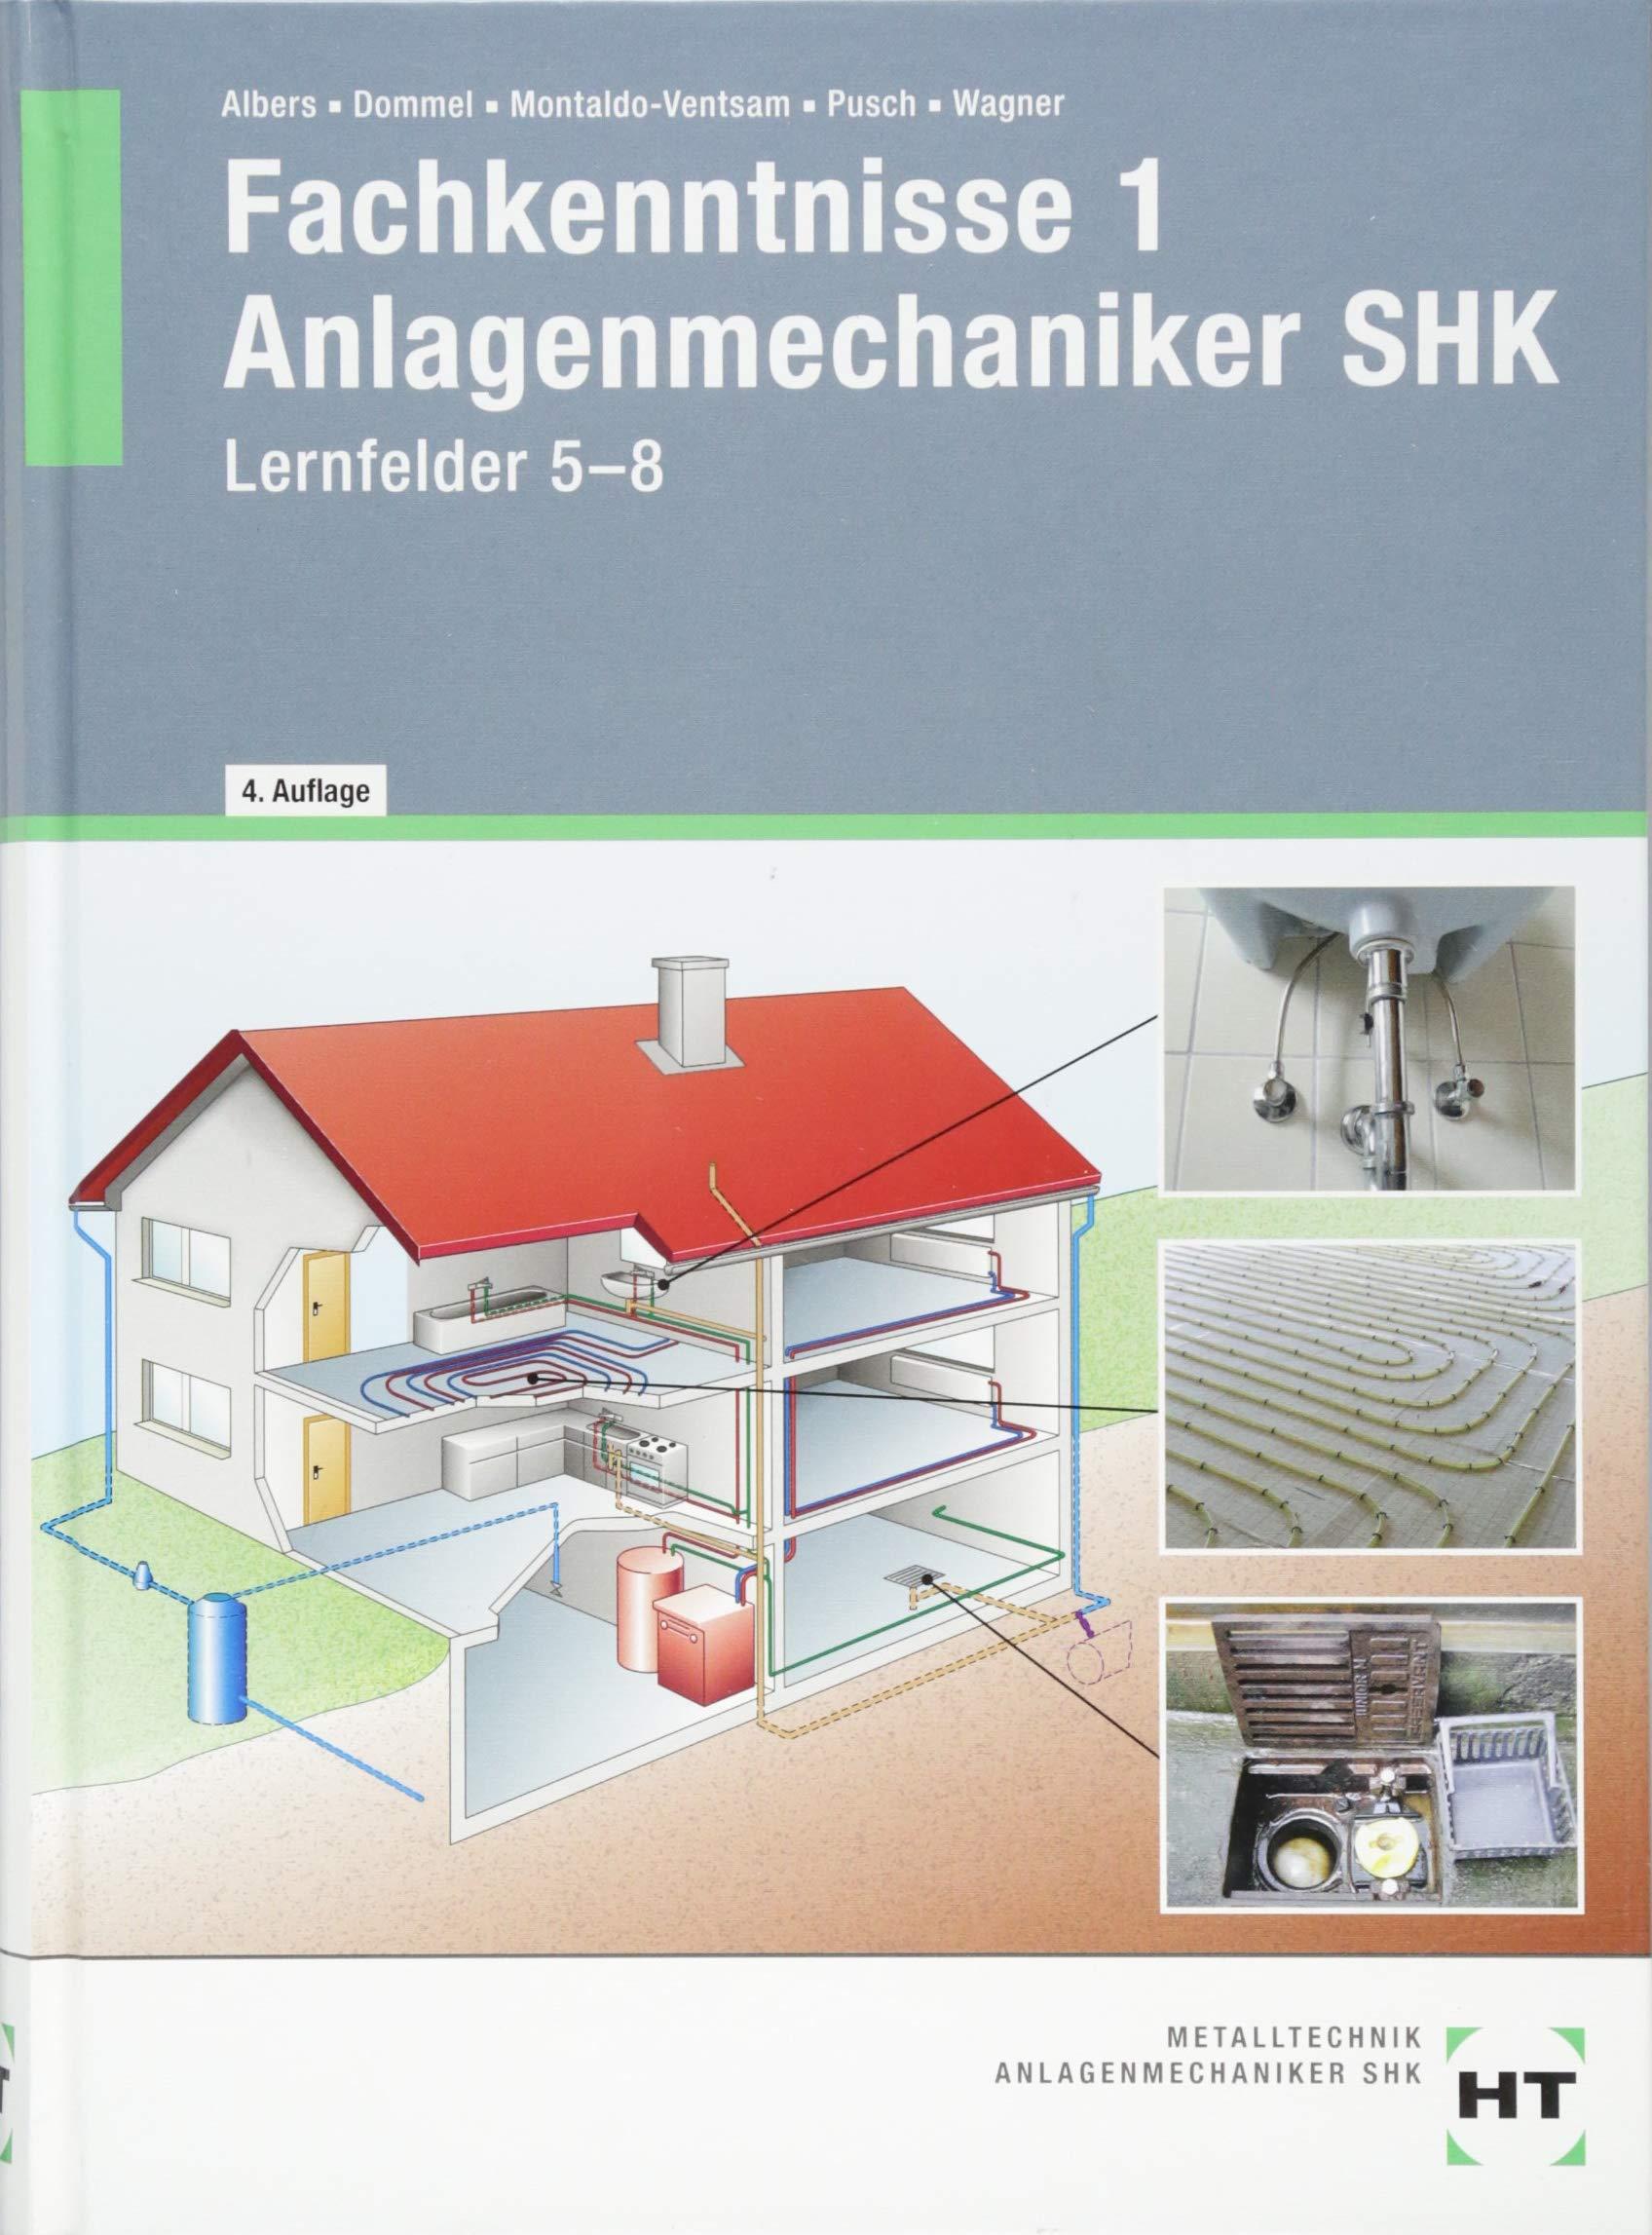 Fachkenntnisse 1 Anlagenmechaniker SHK  Lernfelder 5 8